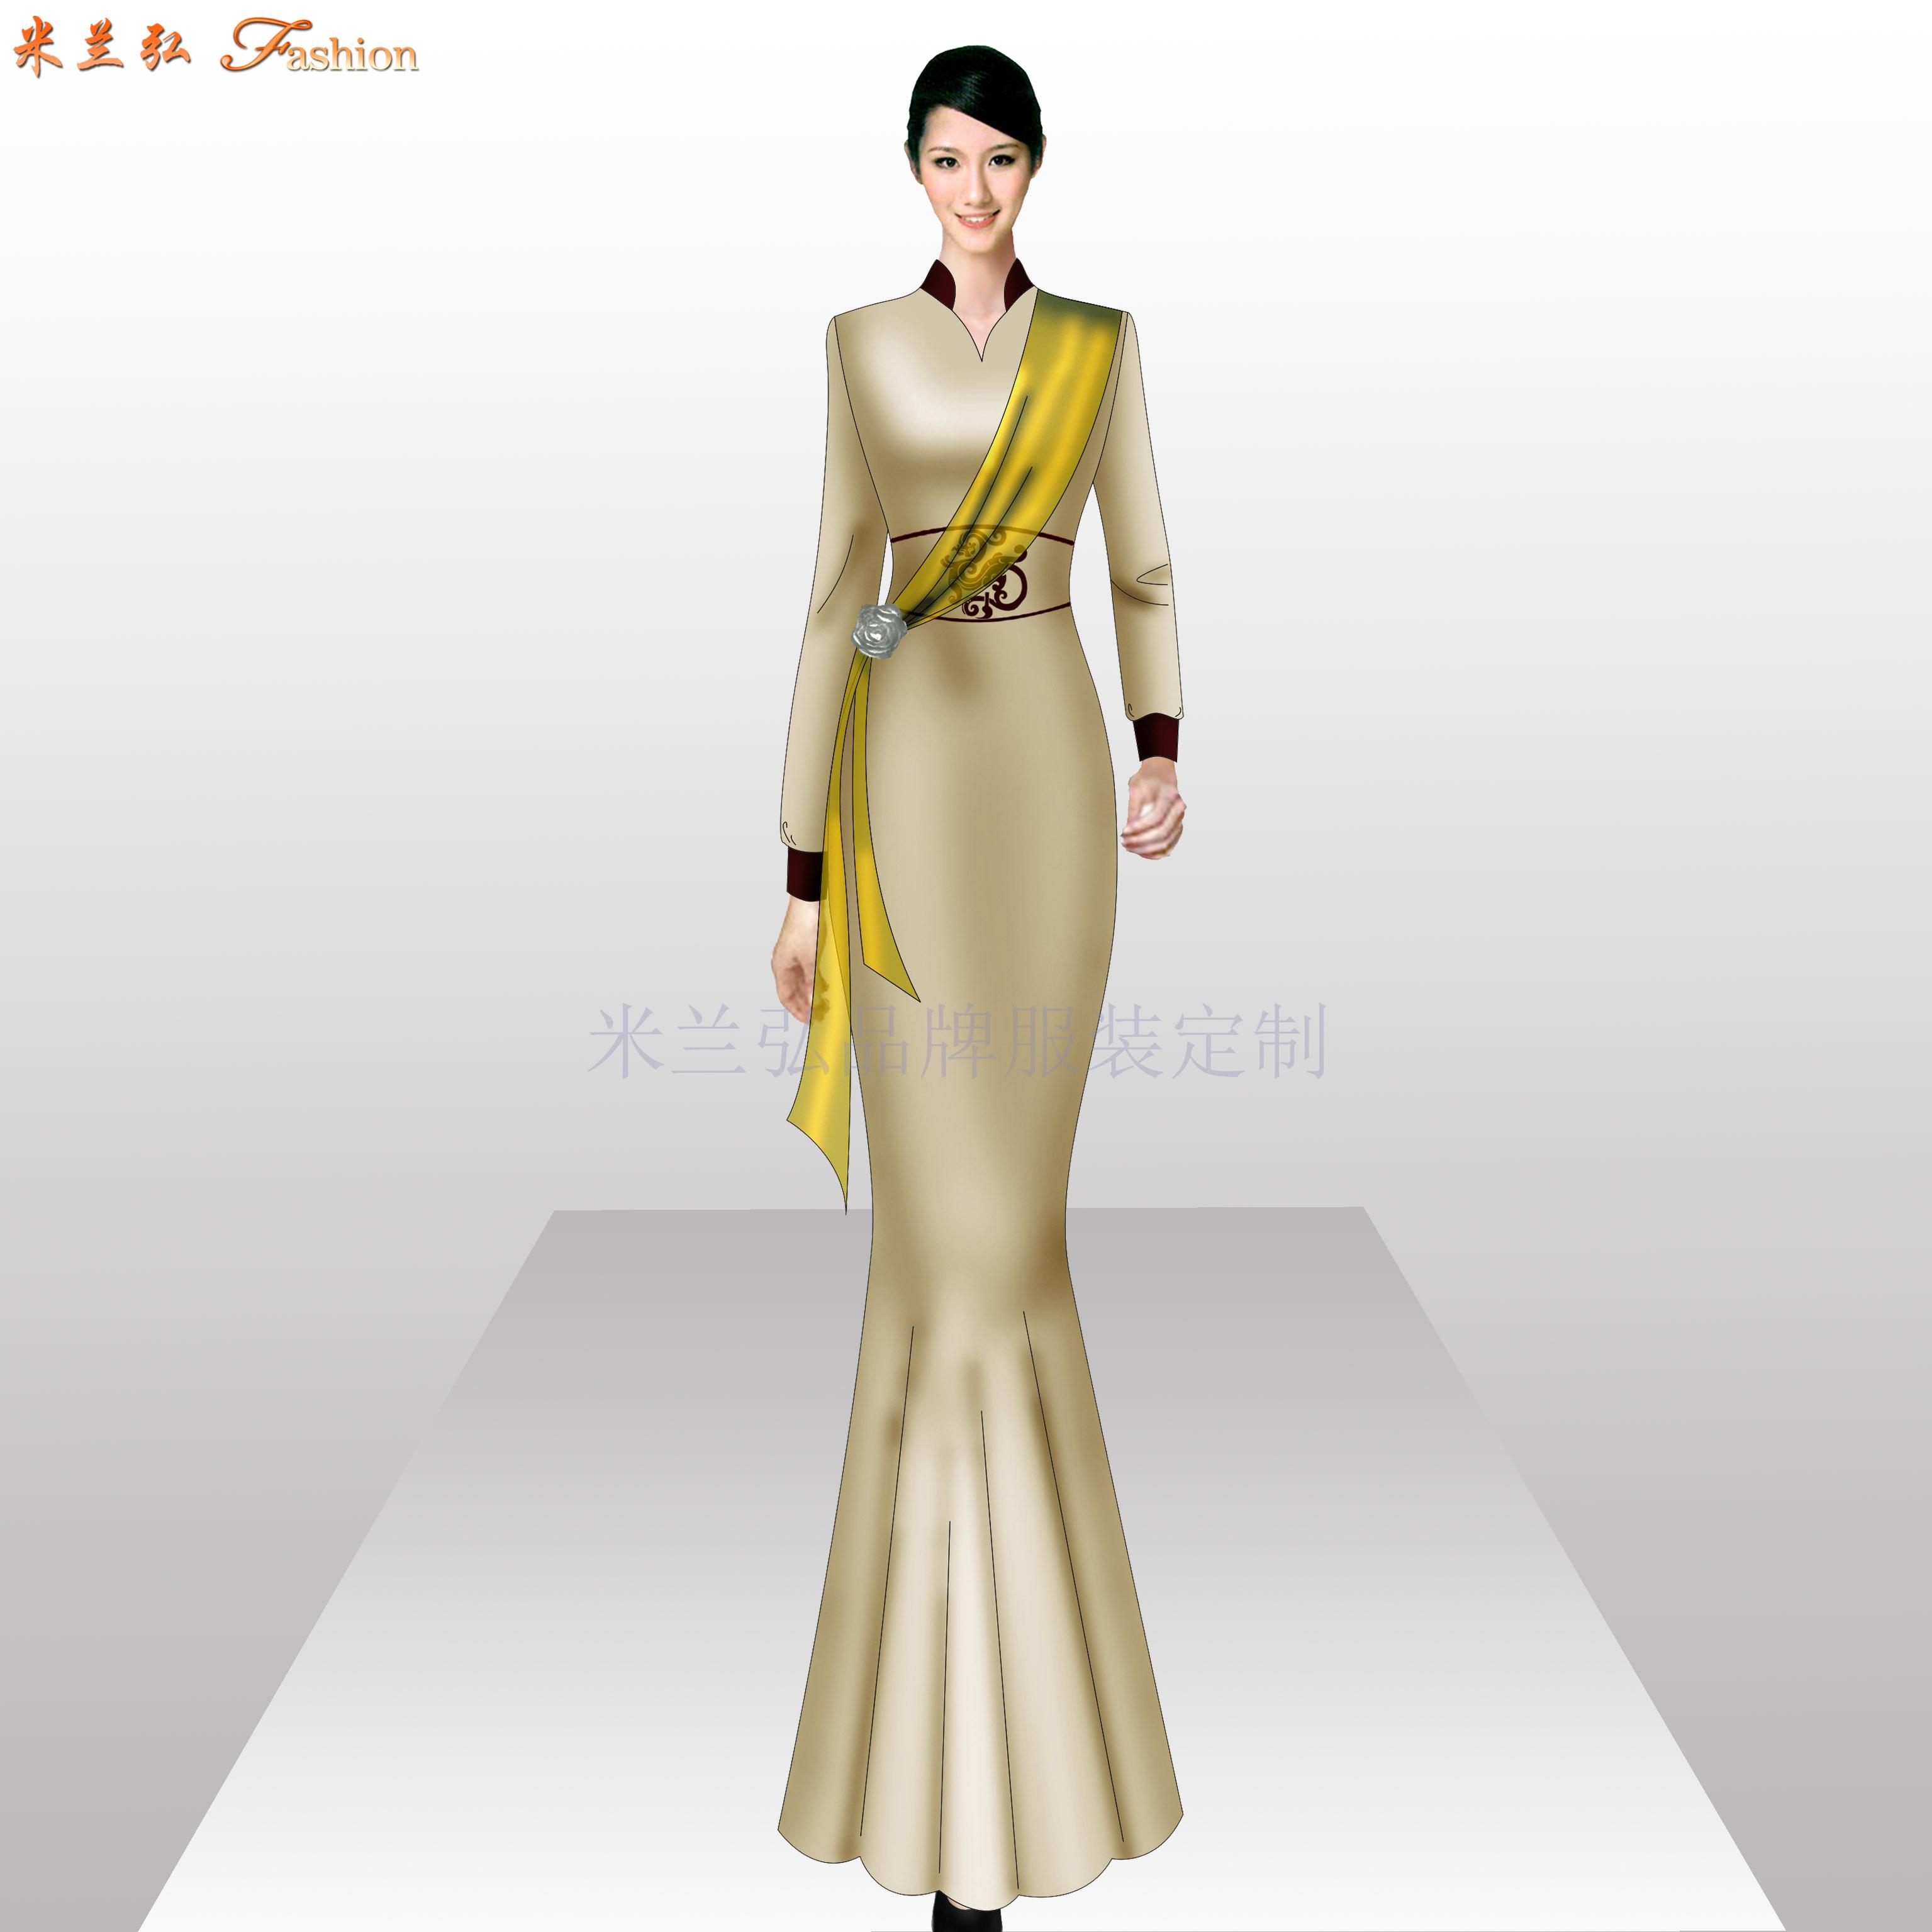 「旗袍高端定制」「旗袍高级订制」-米兰弘品牌服装-5